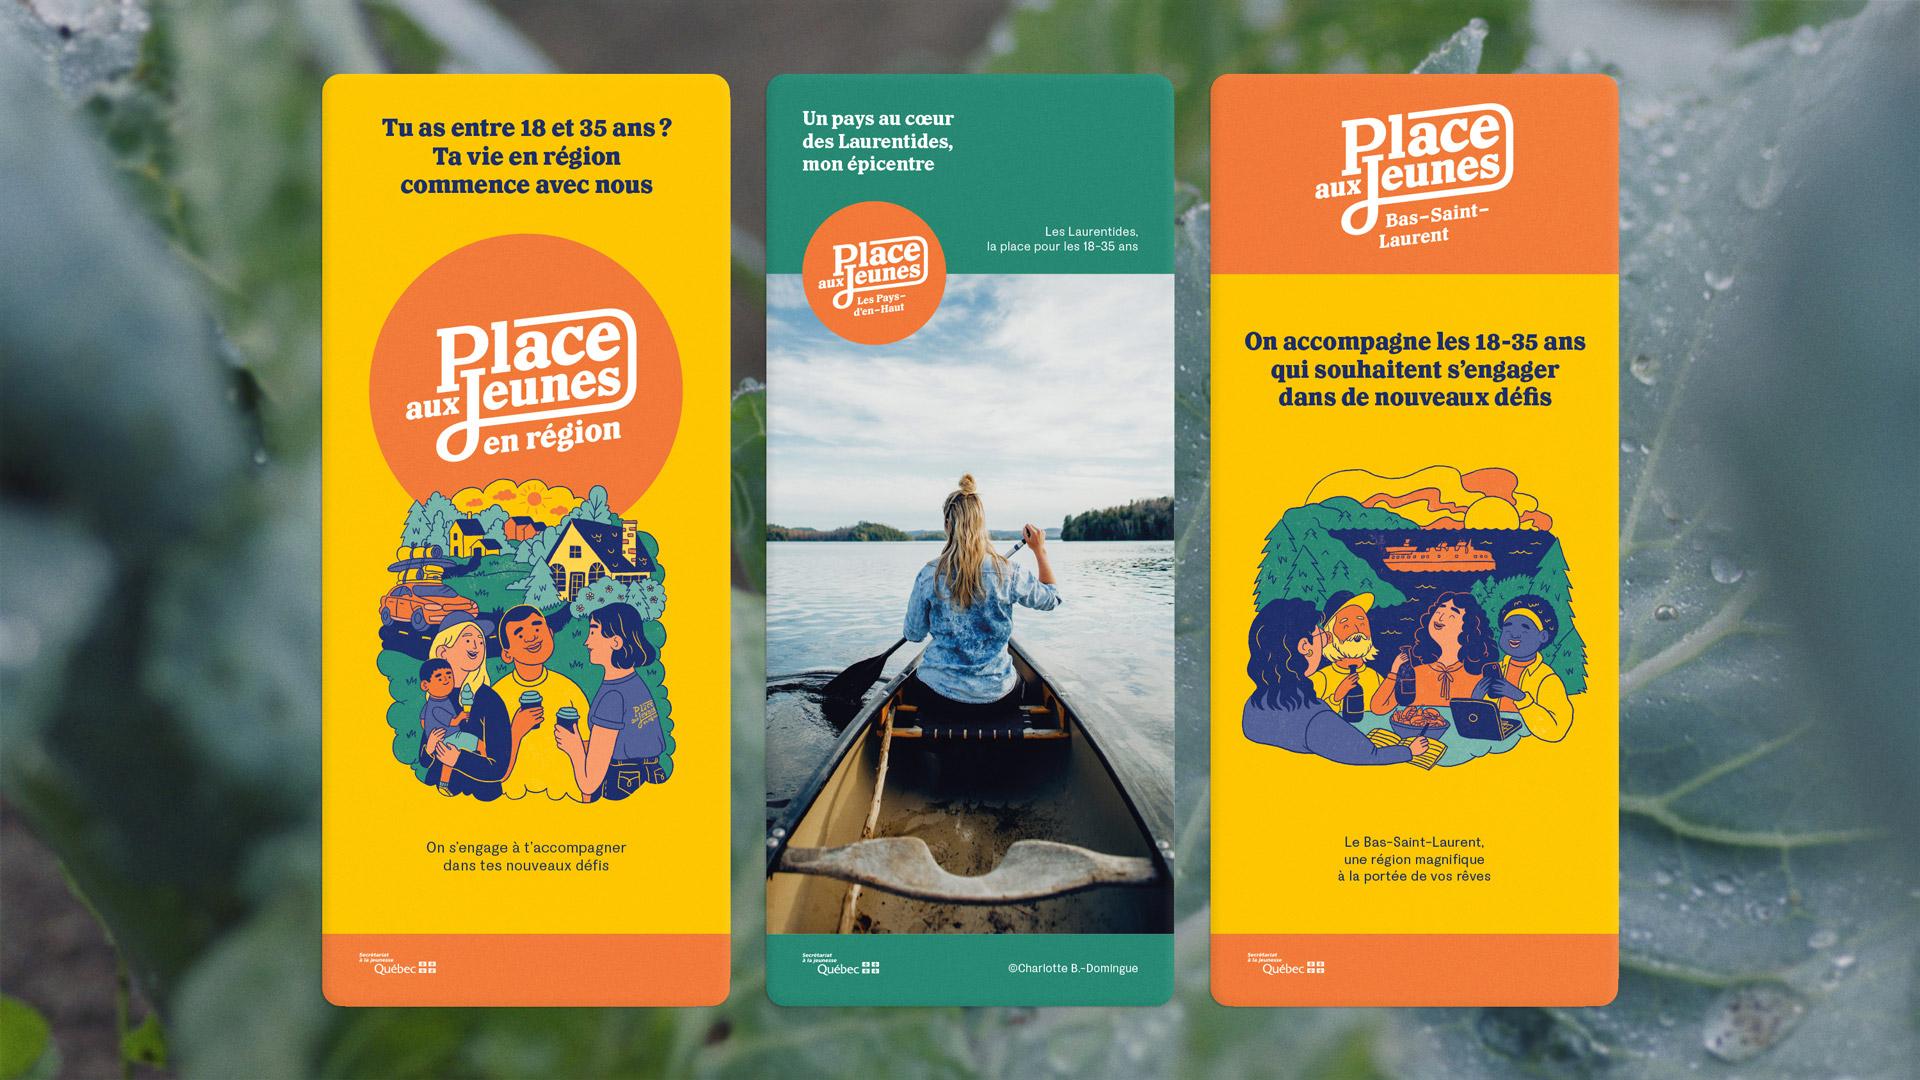 Branding et Campagne publicitaire | Trois différents Roll Ups utilisés par PAJR lors d'événements | Place aux jeunes en région